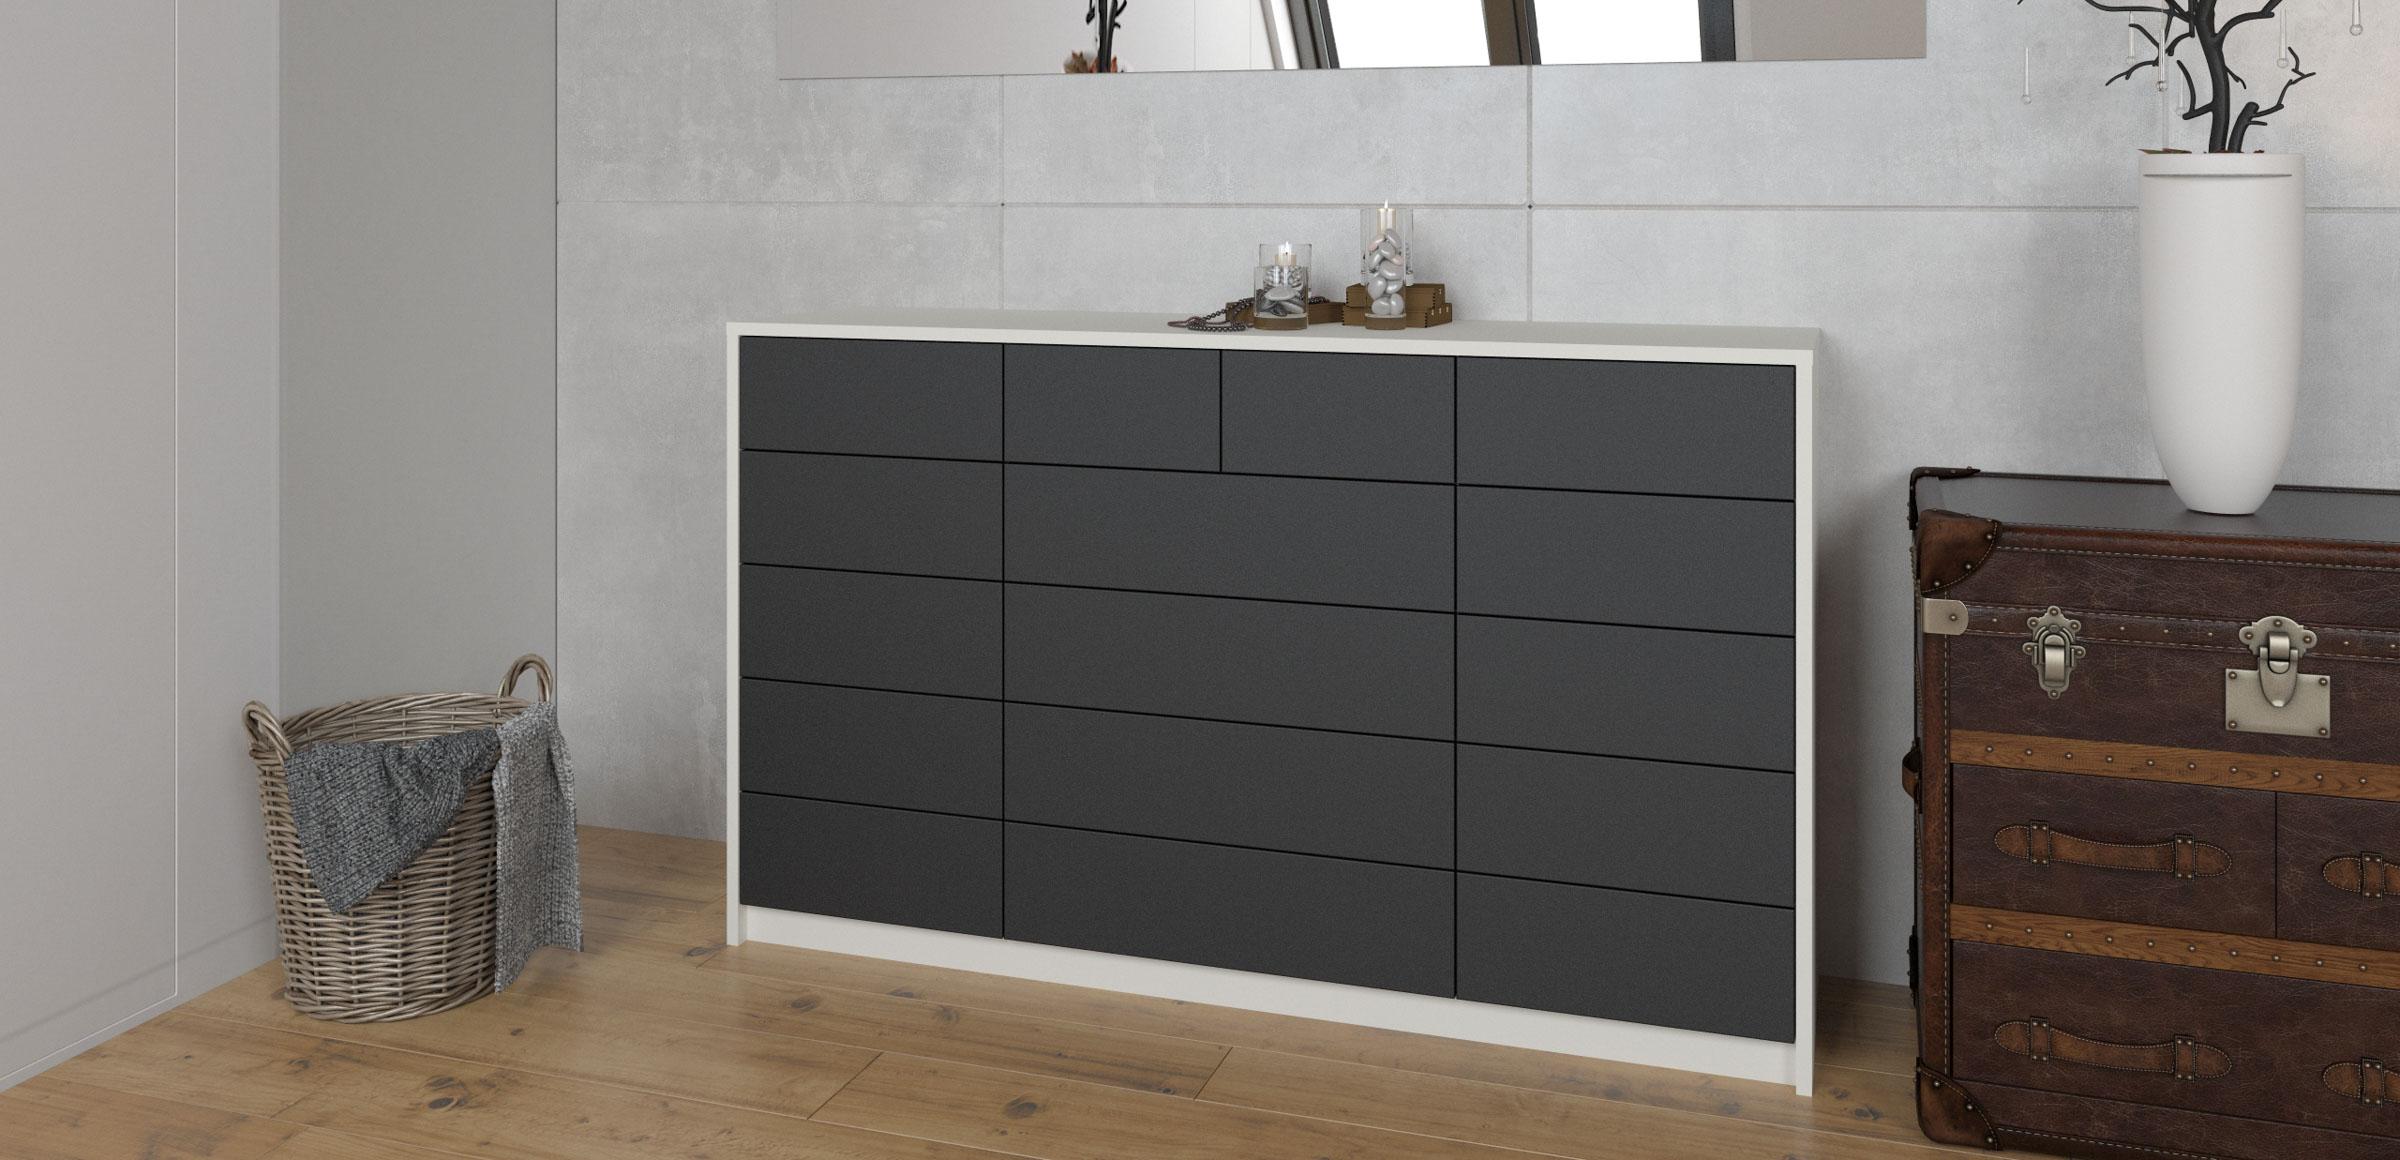 Kommode Badezimmer | Hochglanz Sideboard Agrebo Mit ...